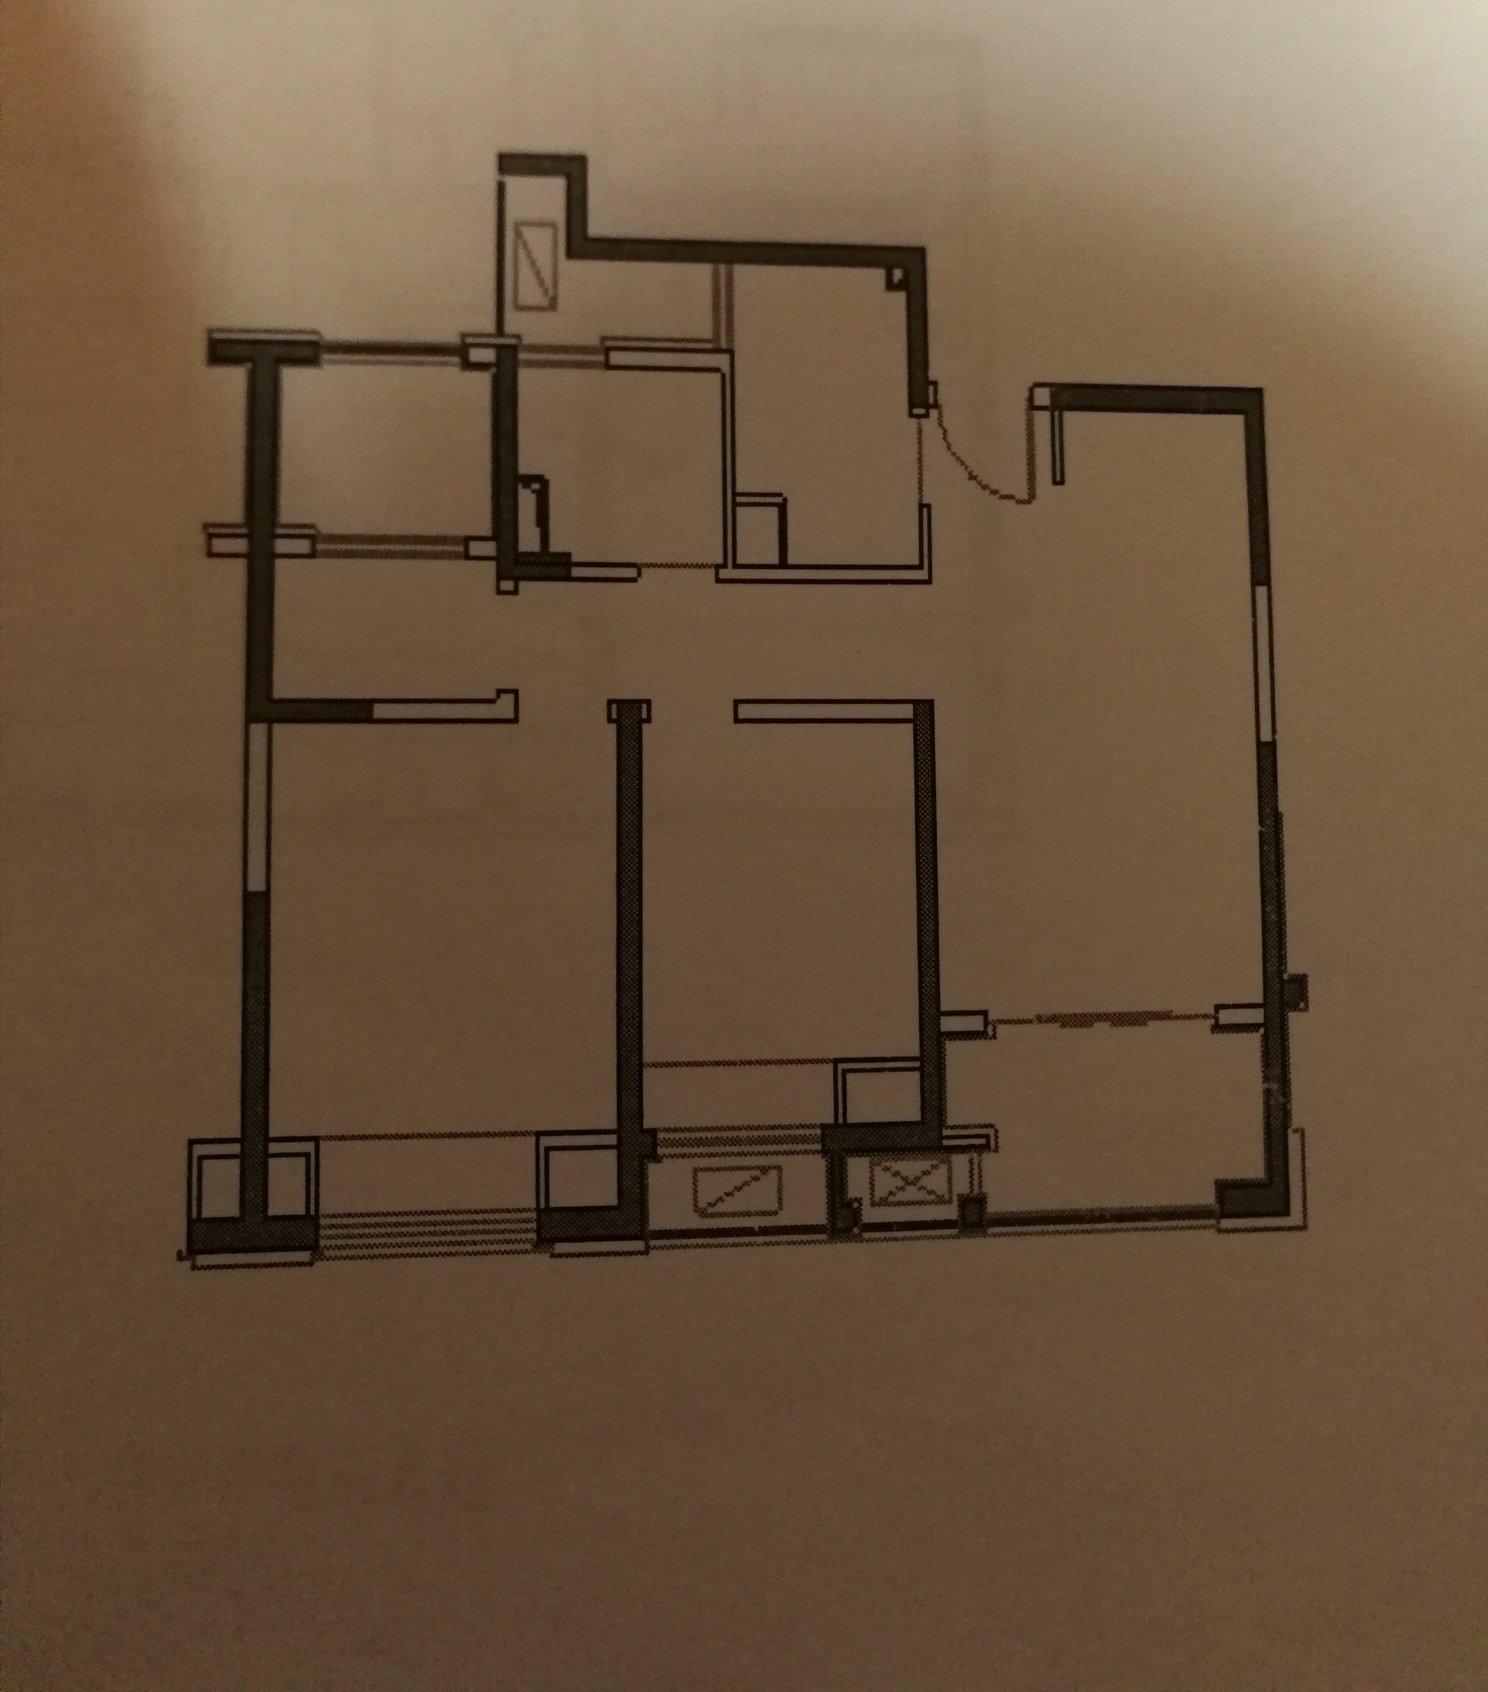 请问一下,昆山绿地21新城这种户型效果图,哪位有呀